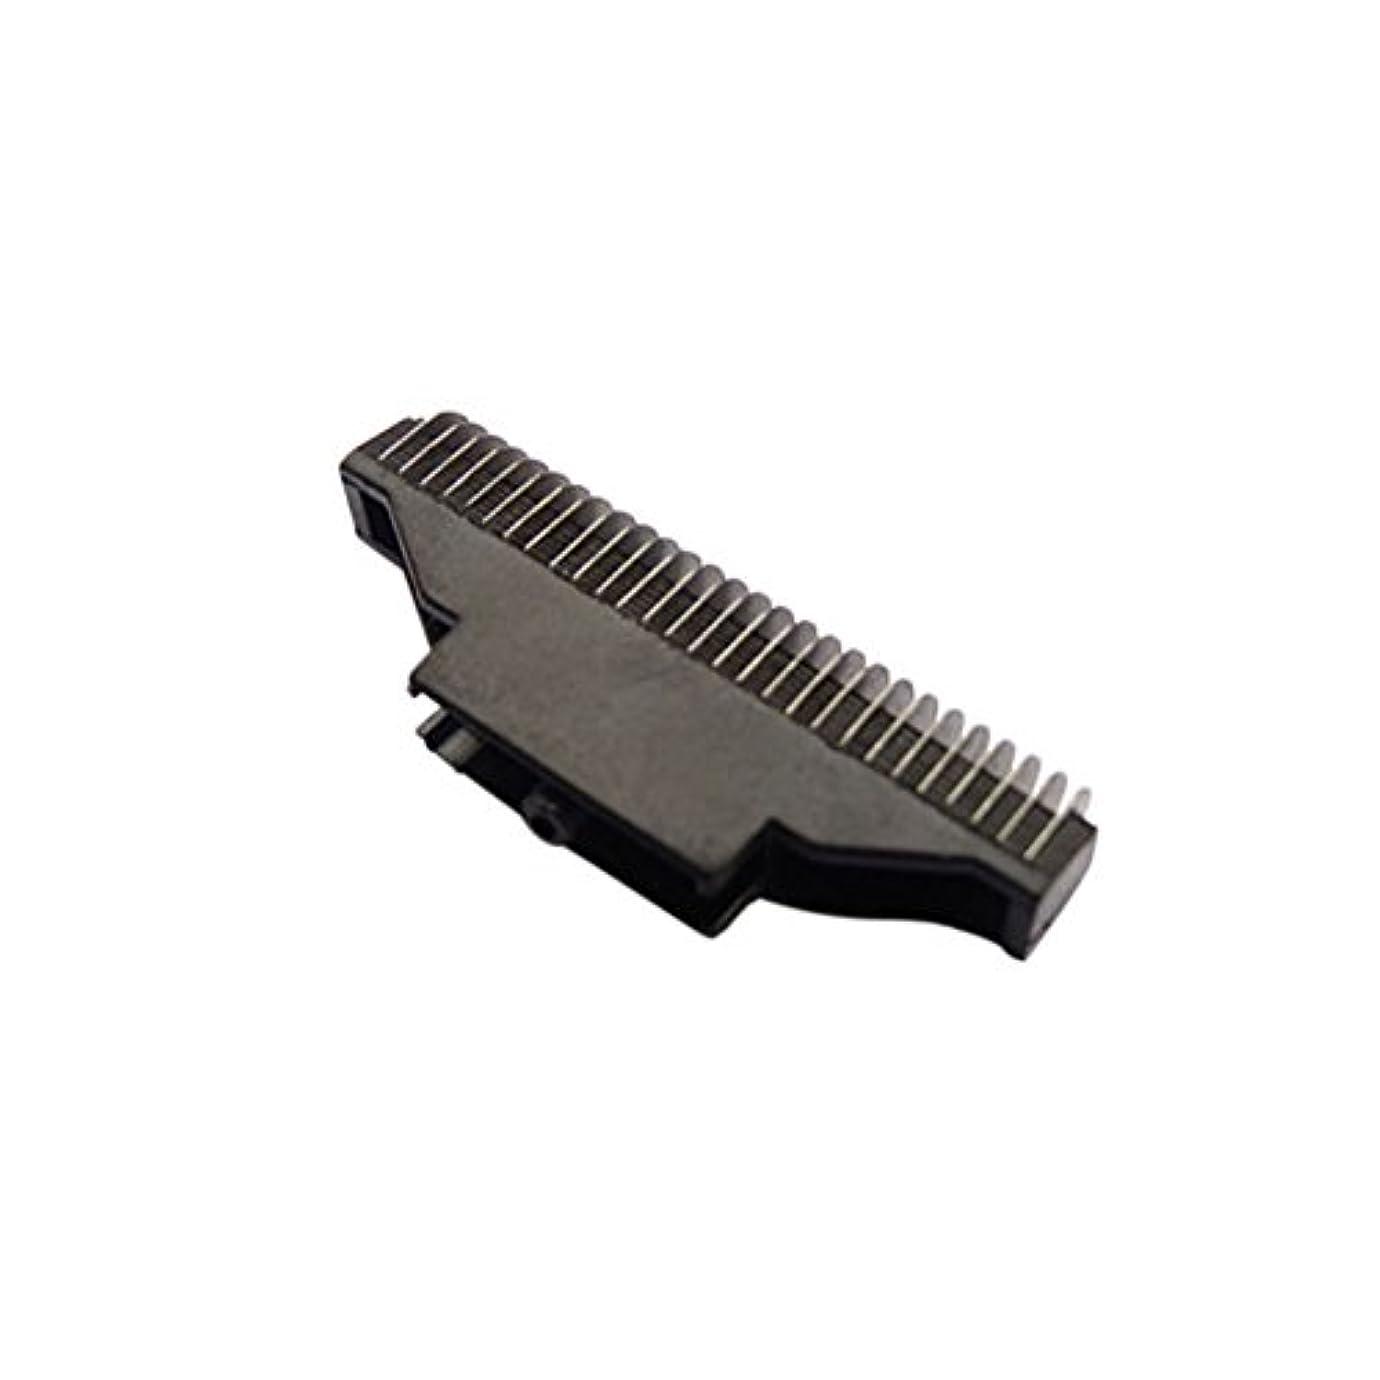 松純粋に動くHZjundasi Replacement Inner ブレード コンボ for Panasonic ES4026/25/27 ES4853 ES9852